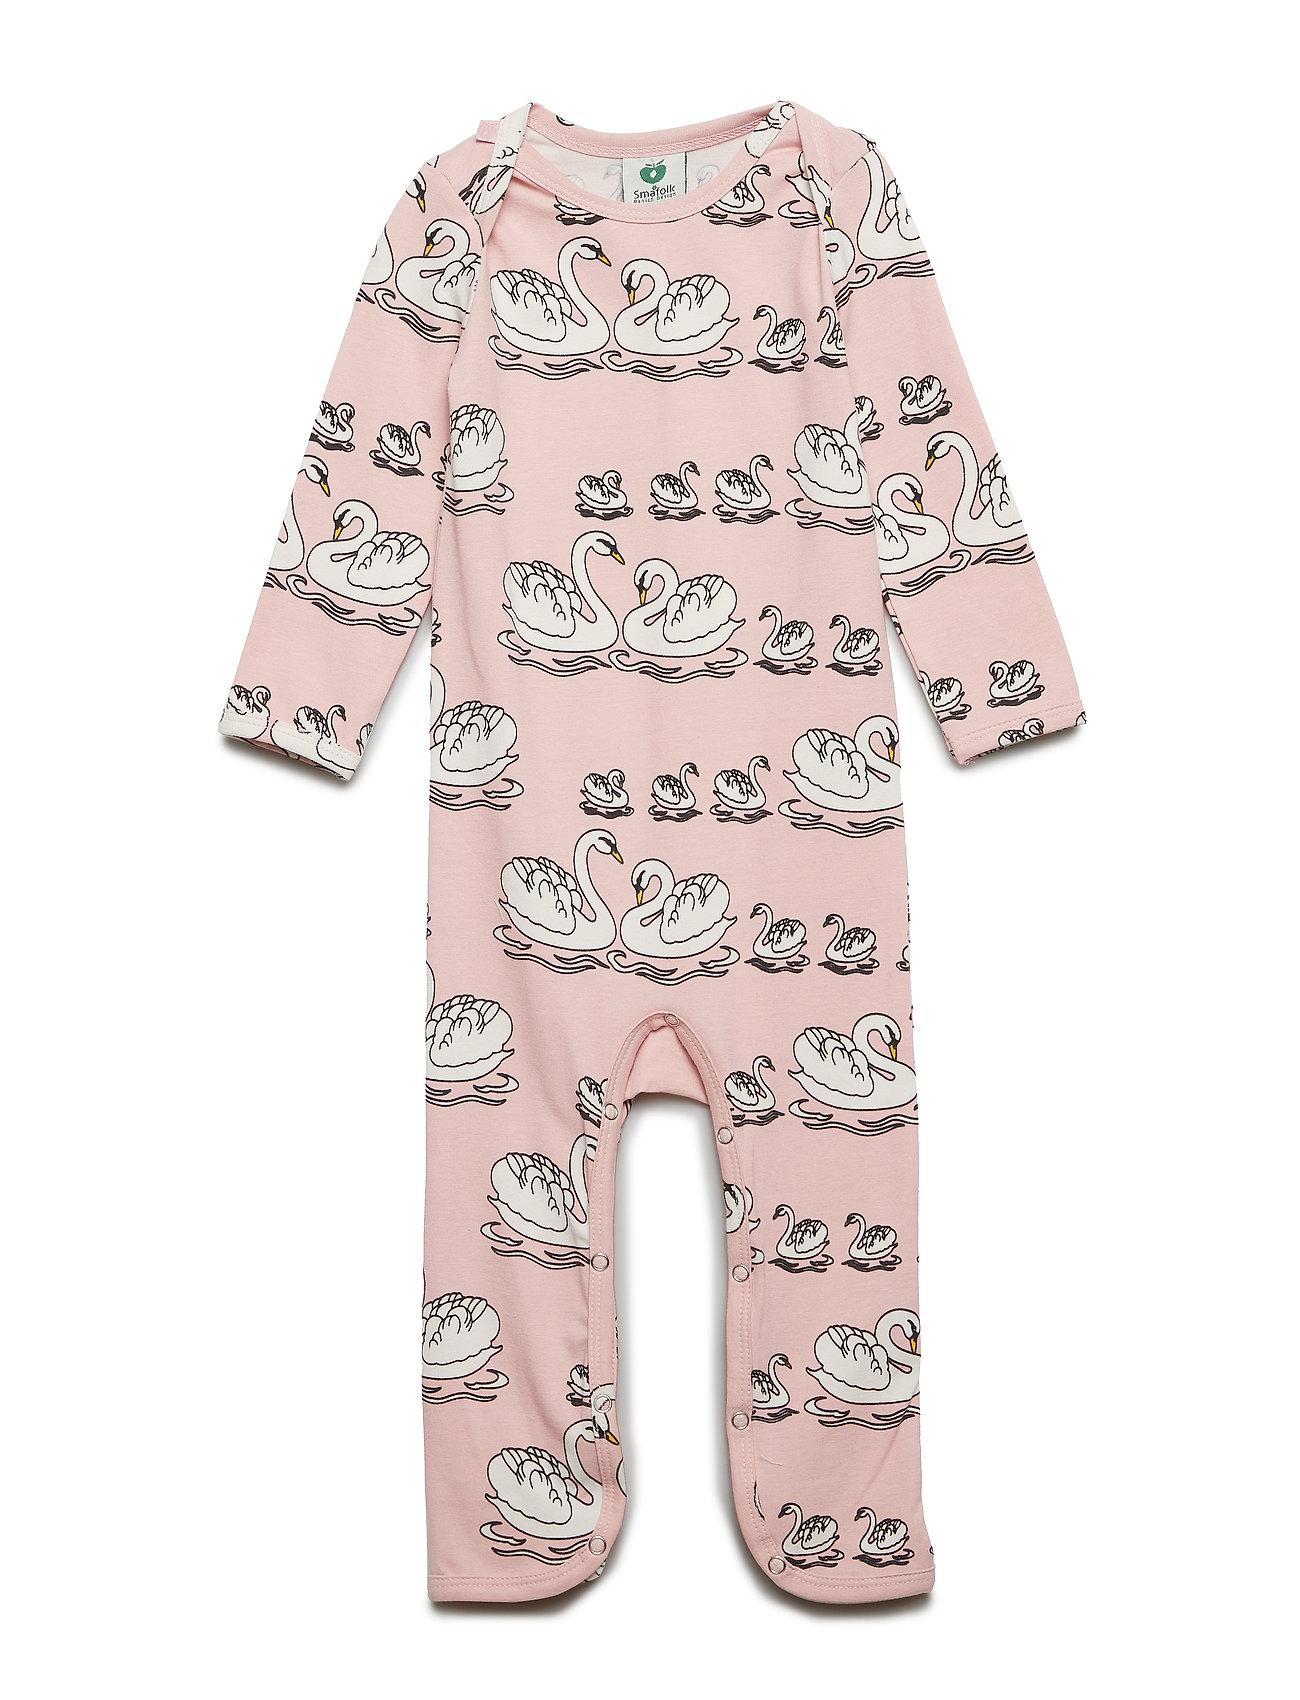 Småfolk Body Suit. Swan - SILVER PINK